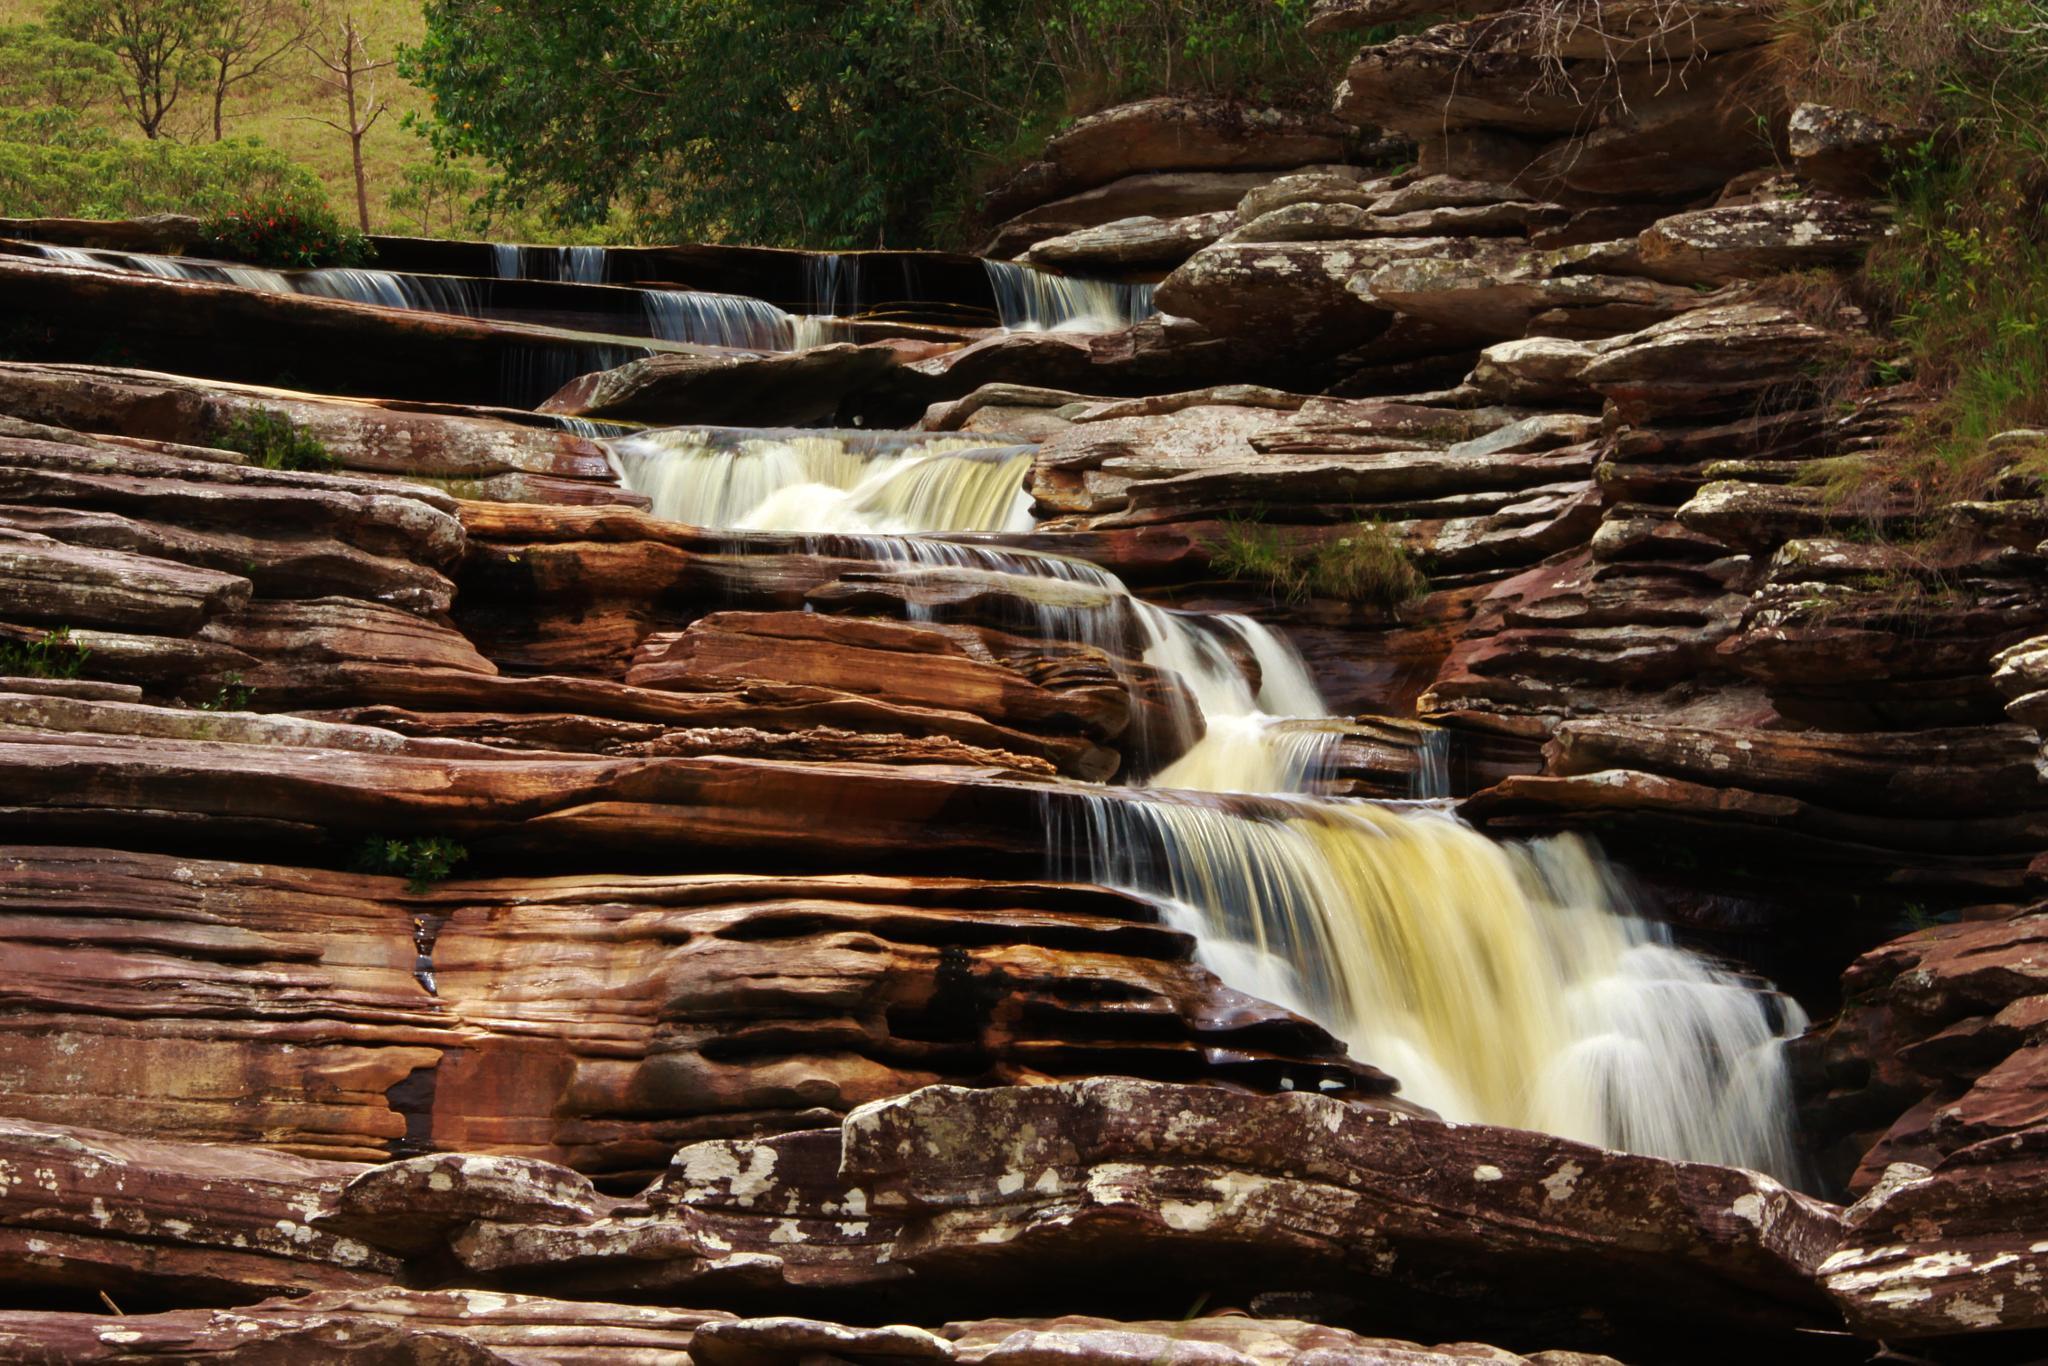 Cachoeira do Intancado by Ricardo Resende